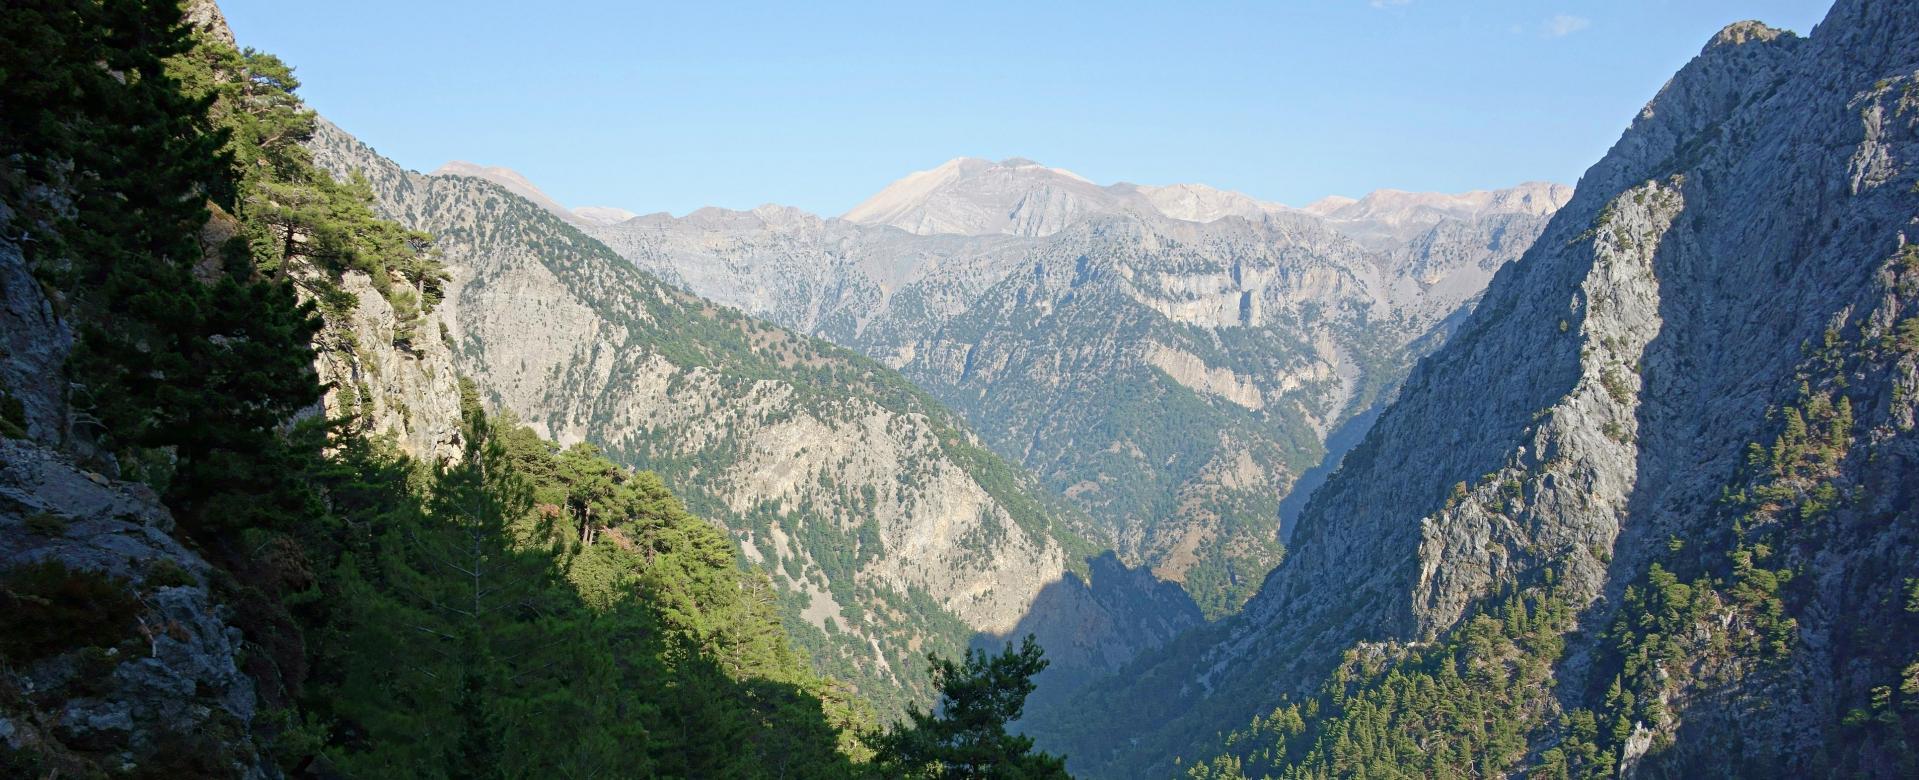 Voyage à pied : Grande bleue, montagnes blanches